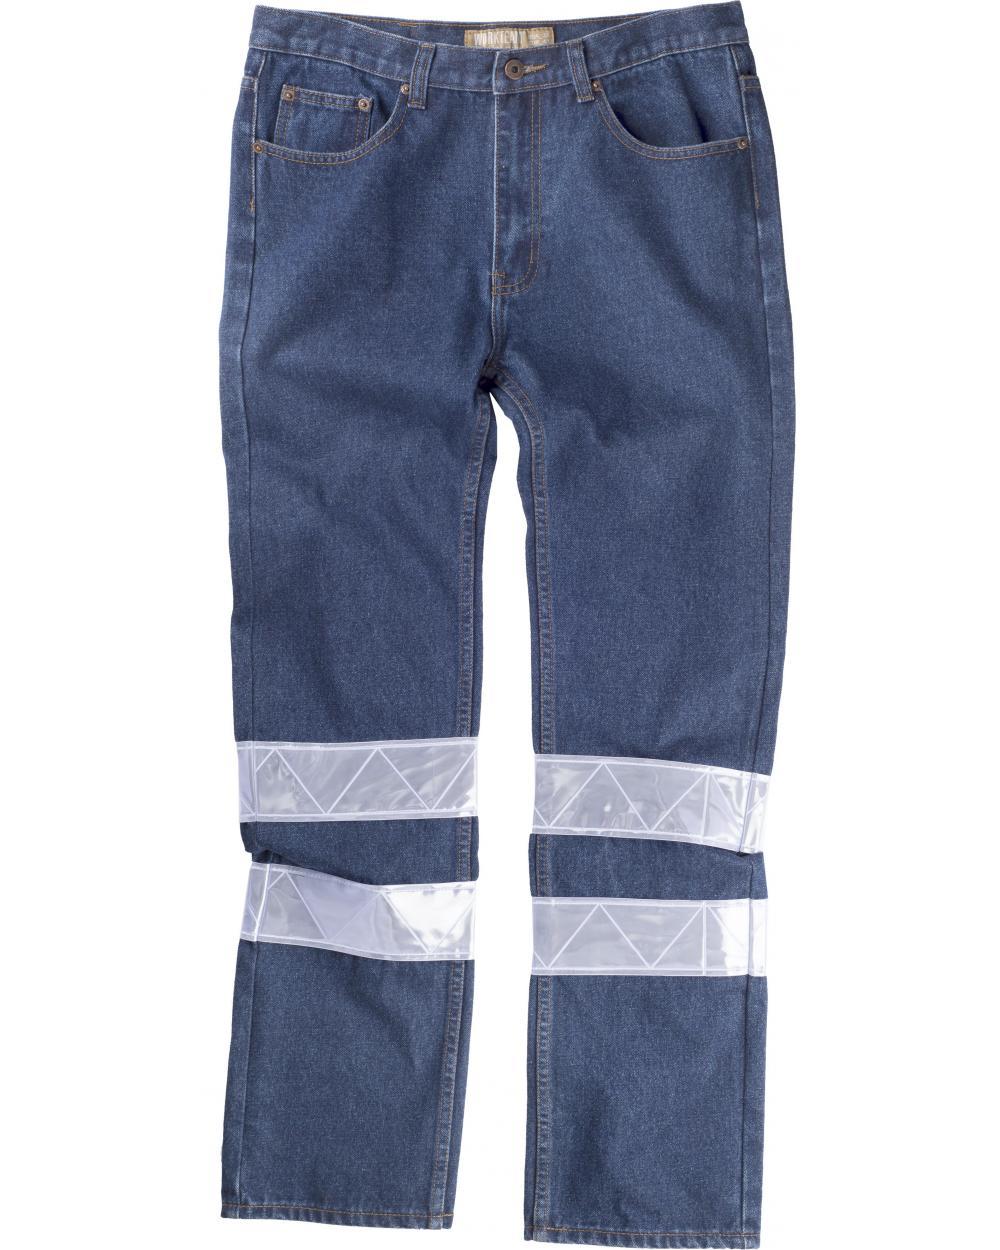 Comprar Pantalon vaquero B4007 Vaquero workteam delante